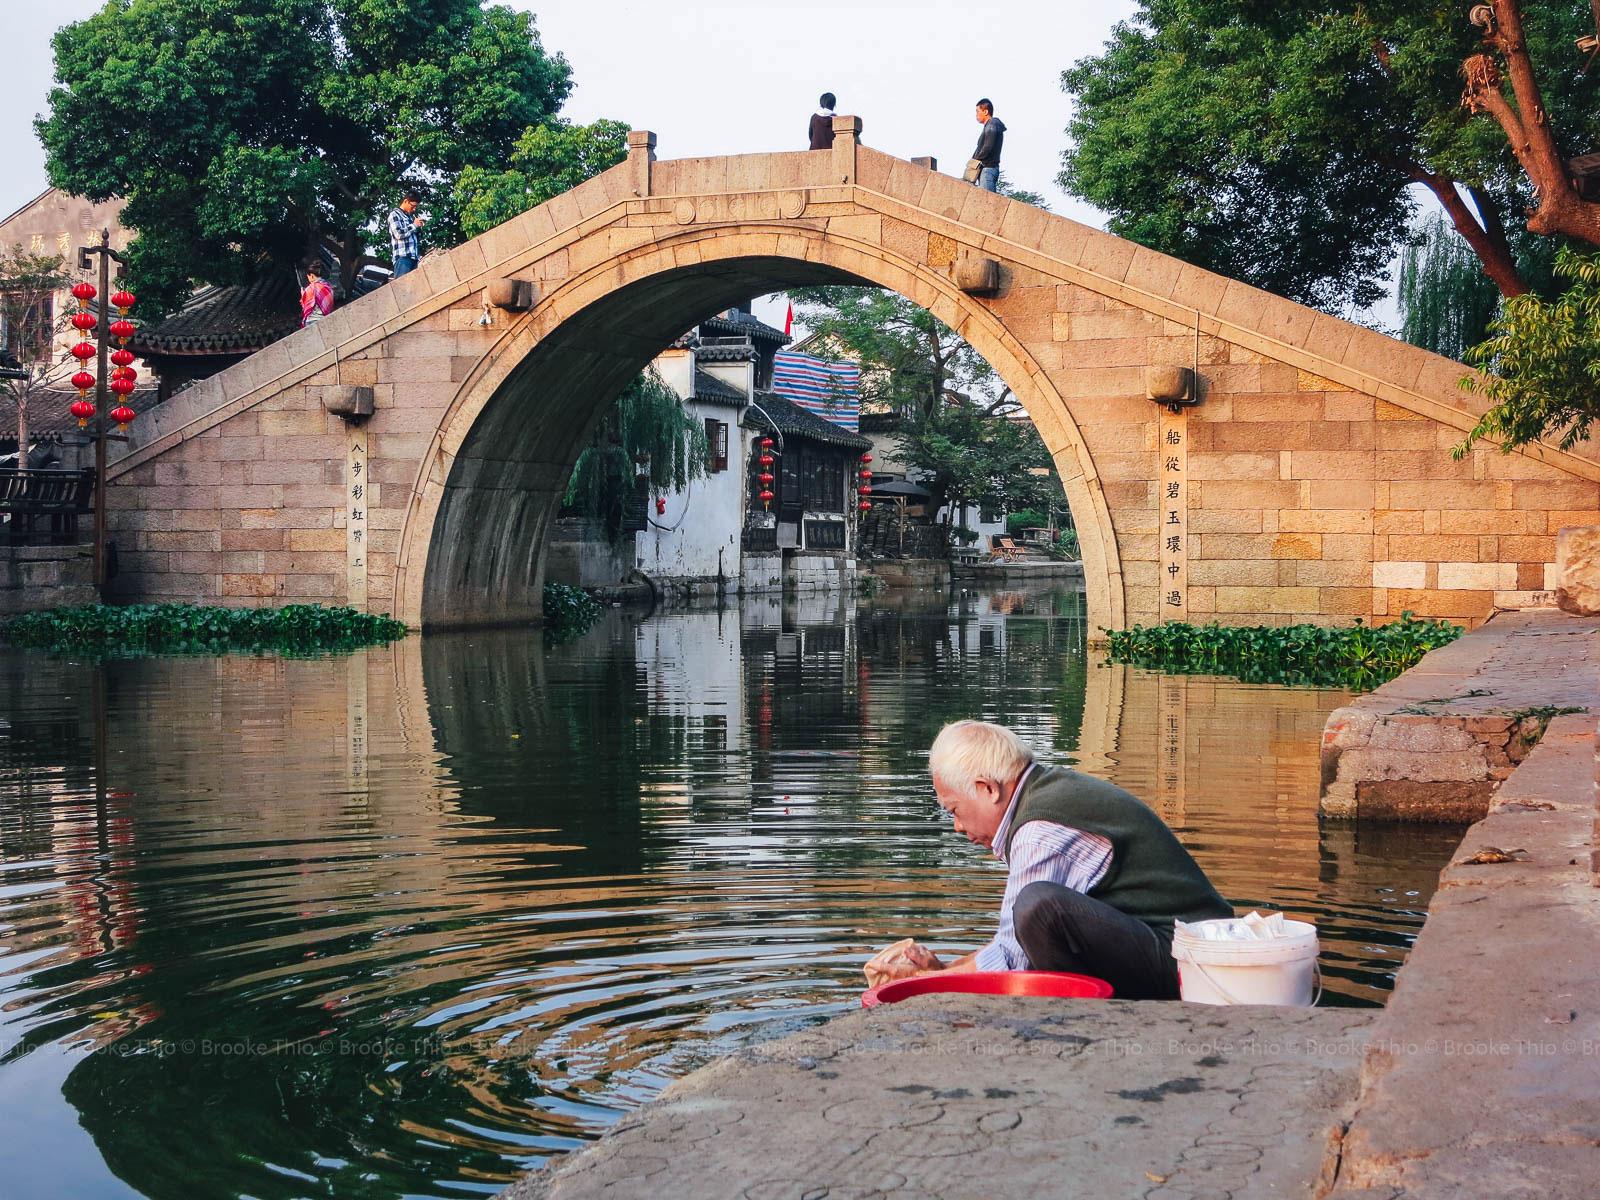 Washing clothes. Xitang water town, Zhejiang, China